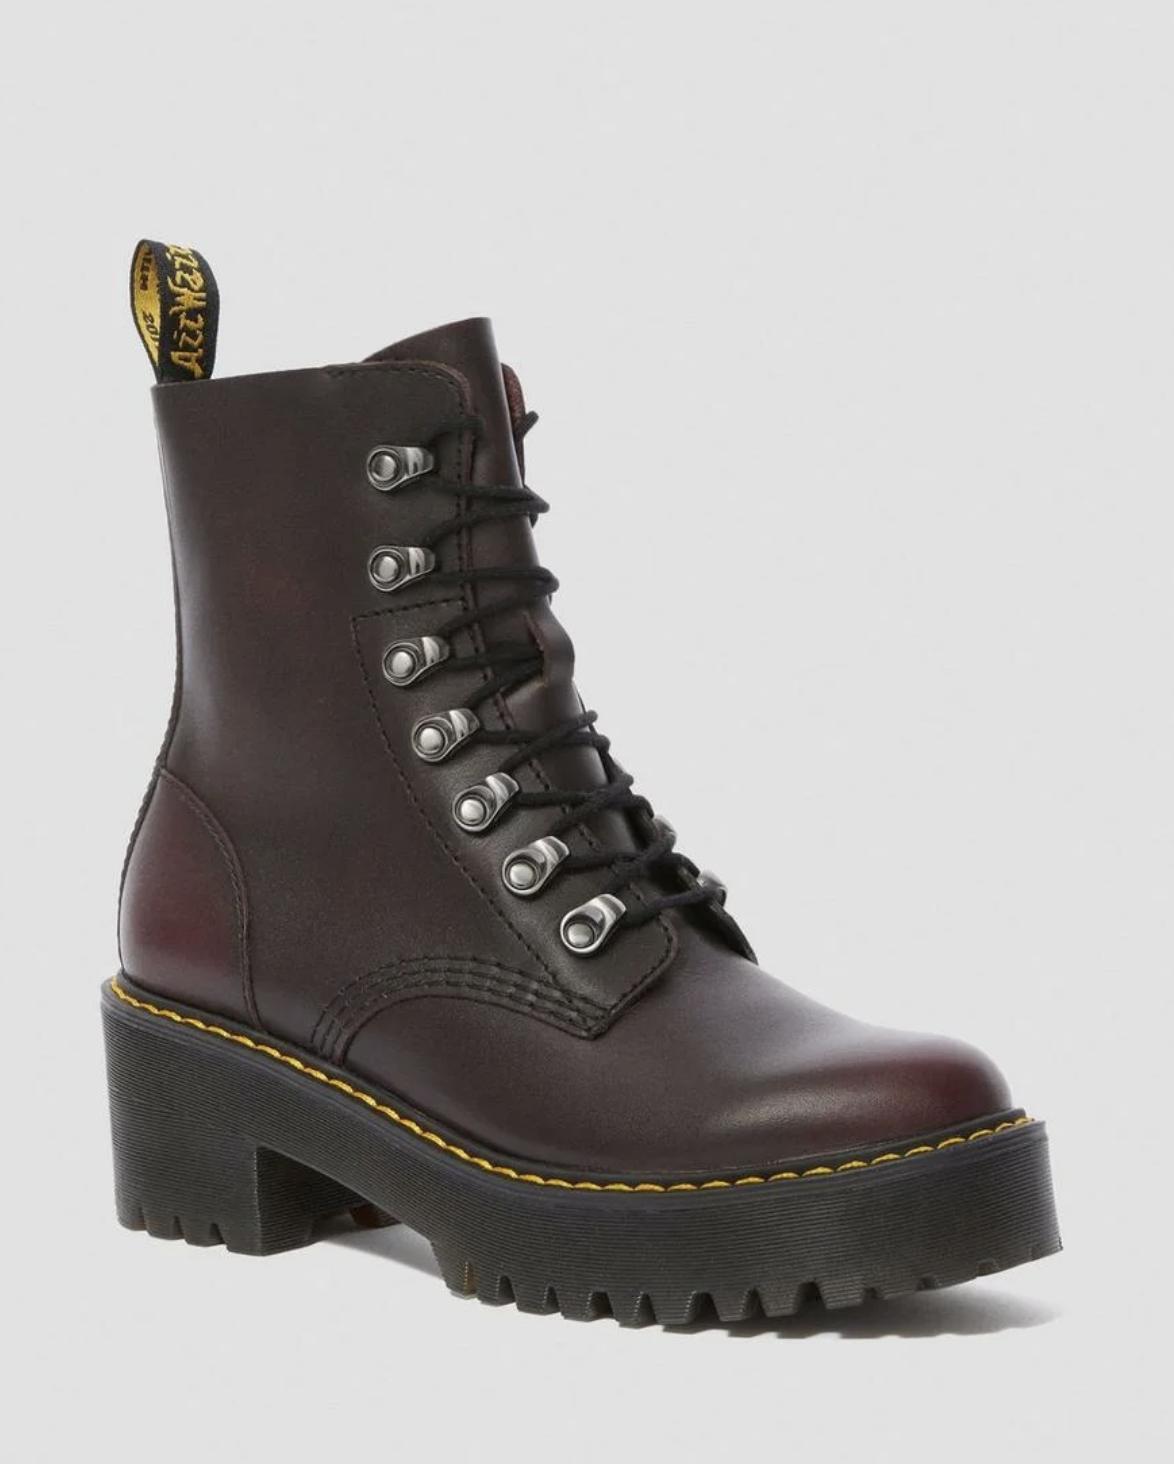 Вопрос стилисту: Ботинки слишком массивные, что делать?